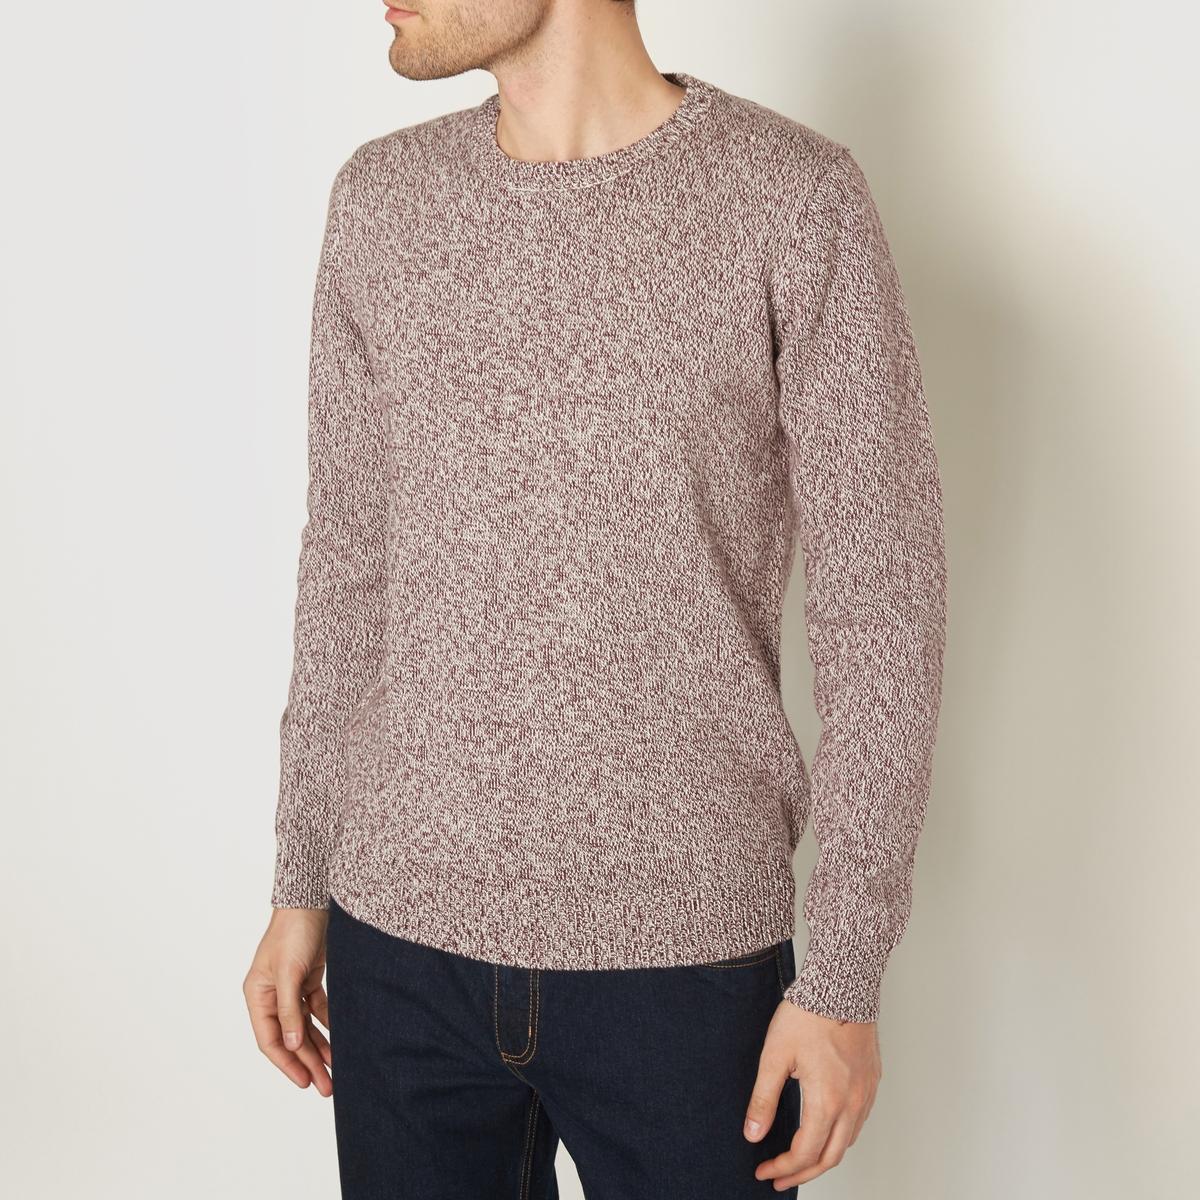 Пуловер из трикотажа мулинеСостав и описание:Материал: 100% хлопка.Марка: R edition<br><br>Цвет: бордовый/экрю